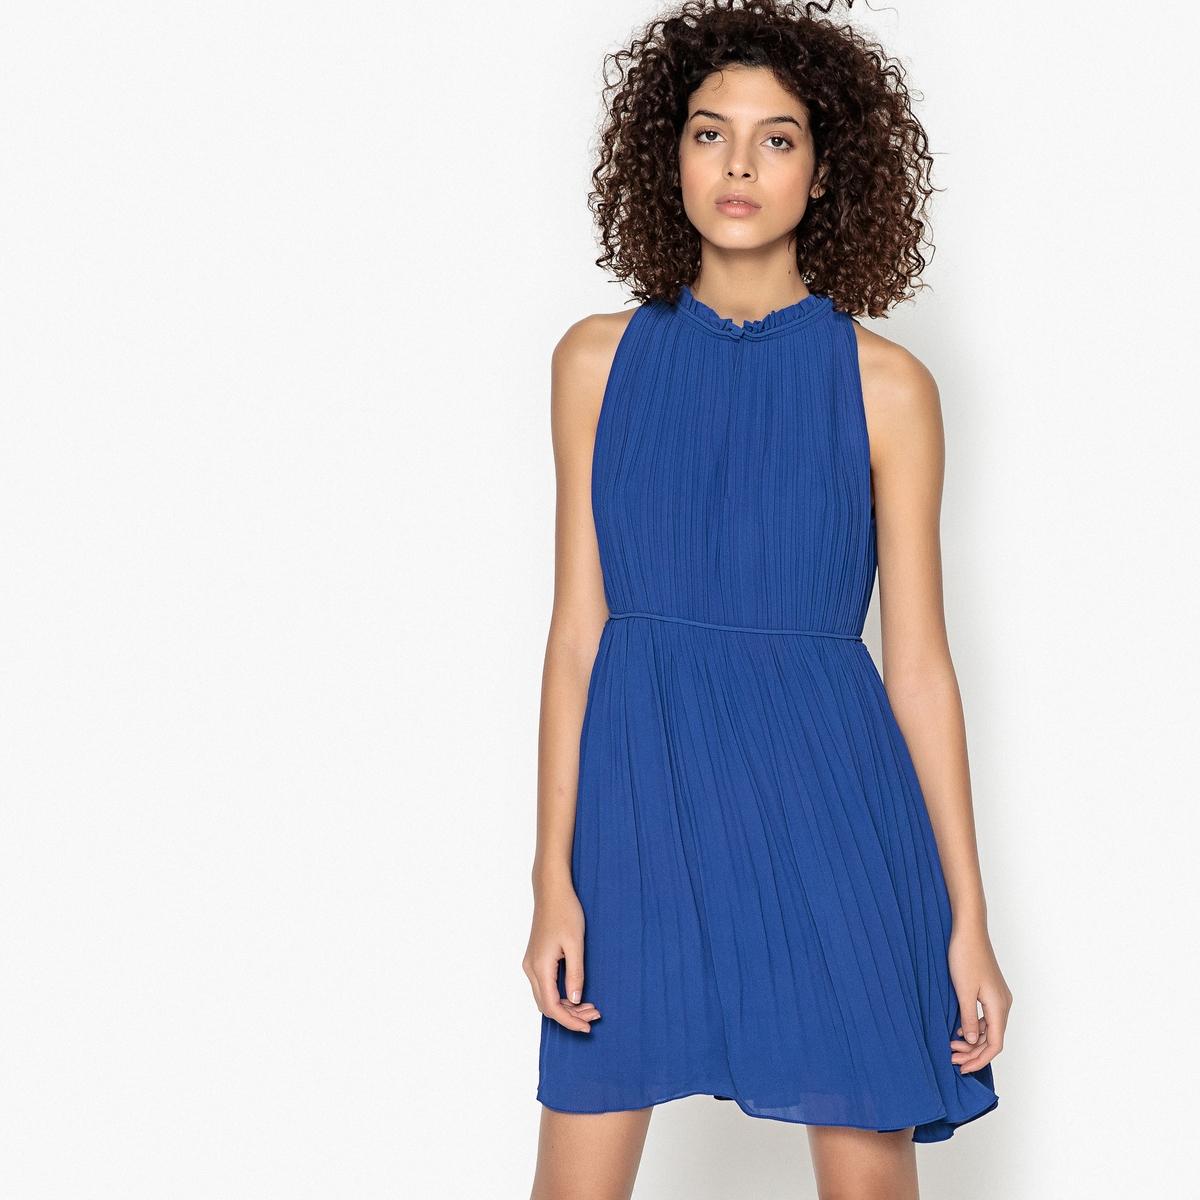 Платье короткое плиссированное однотонное, без рукавов